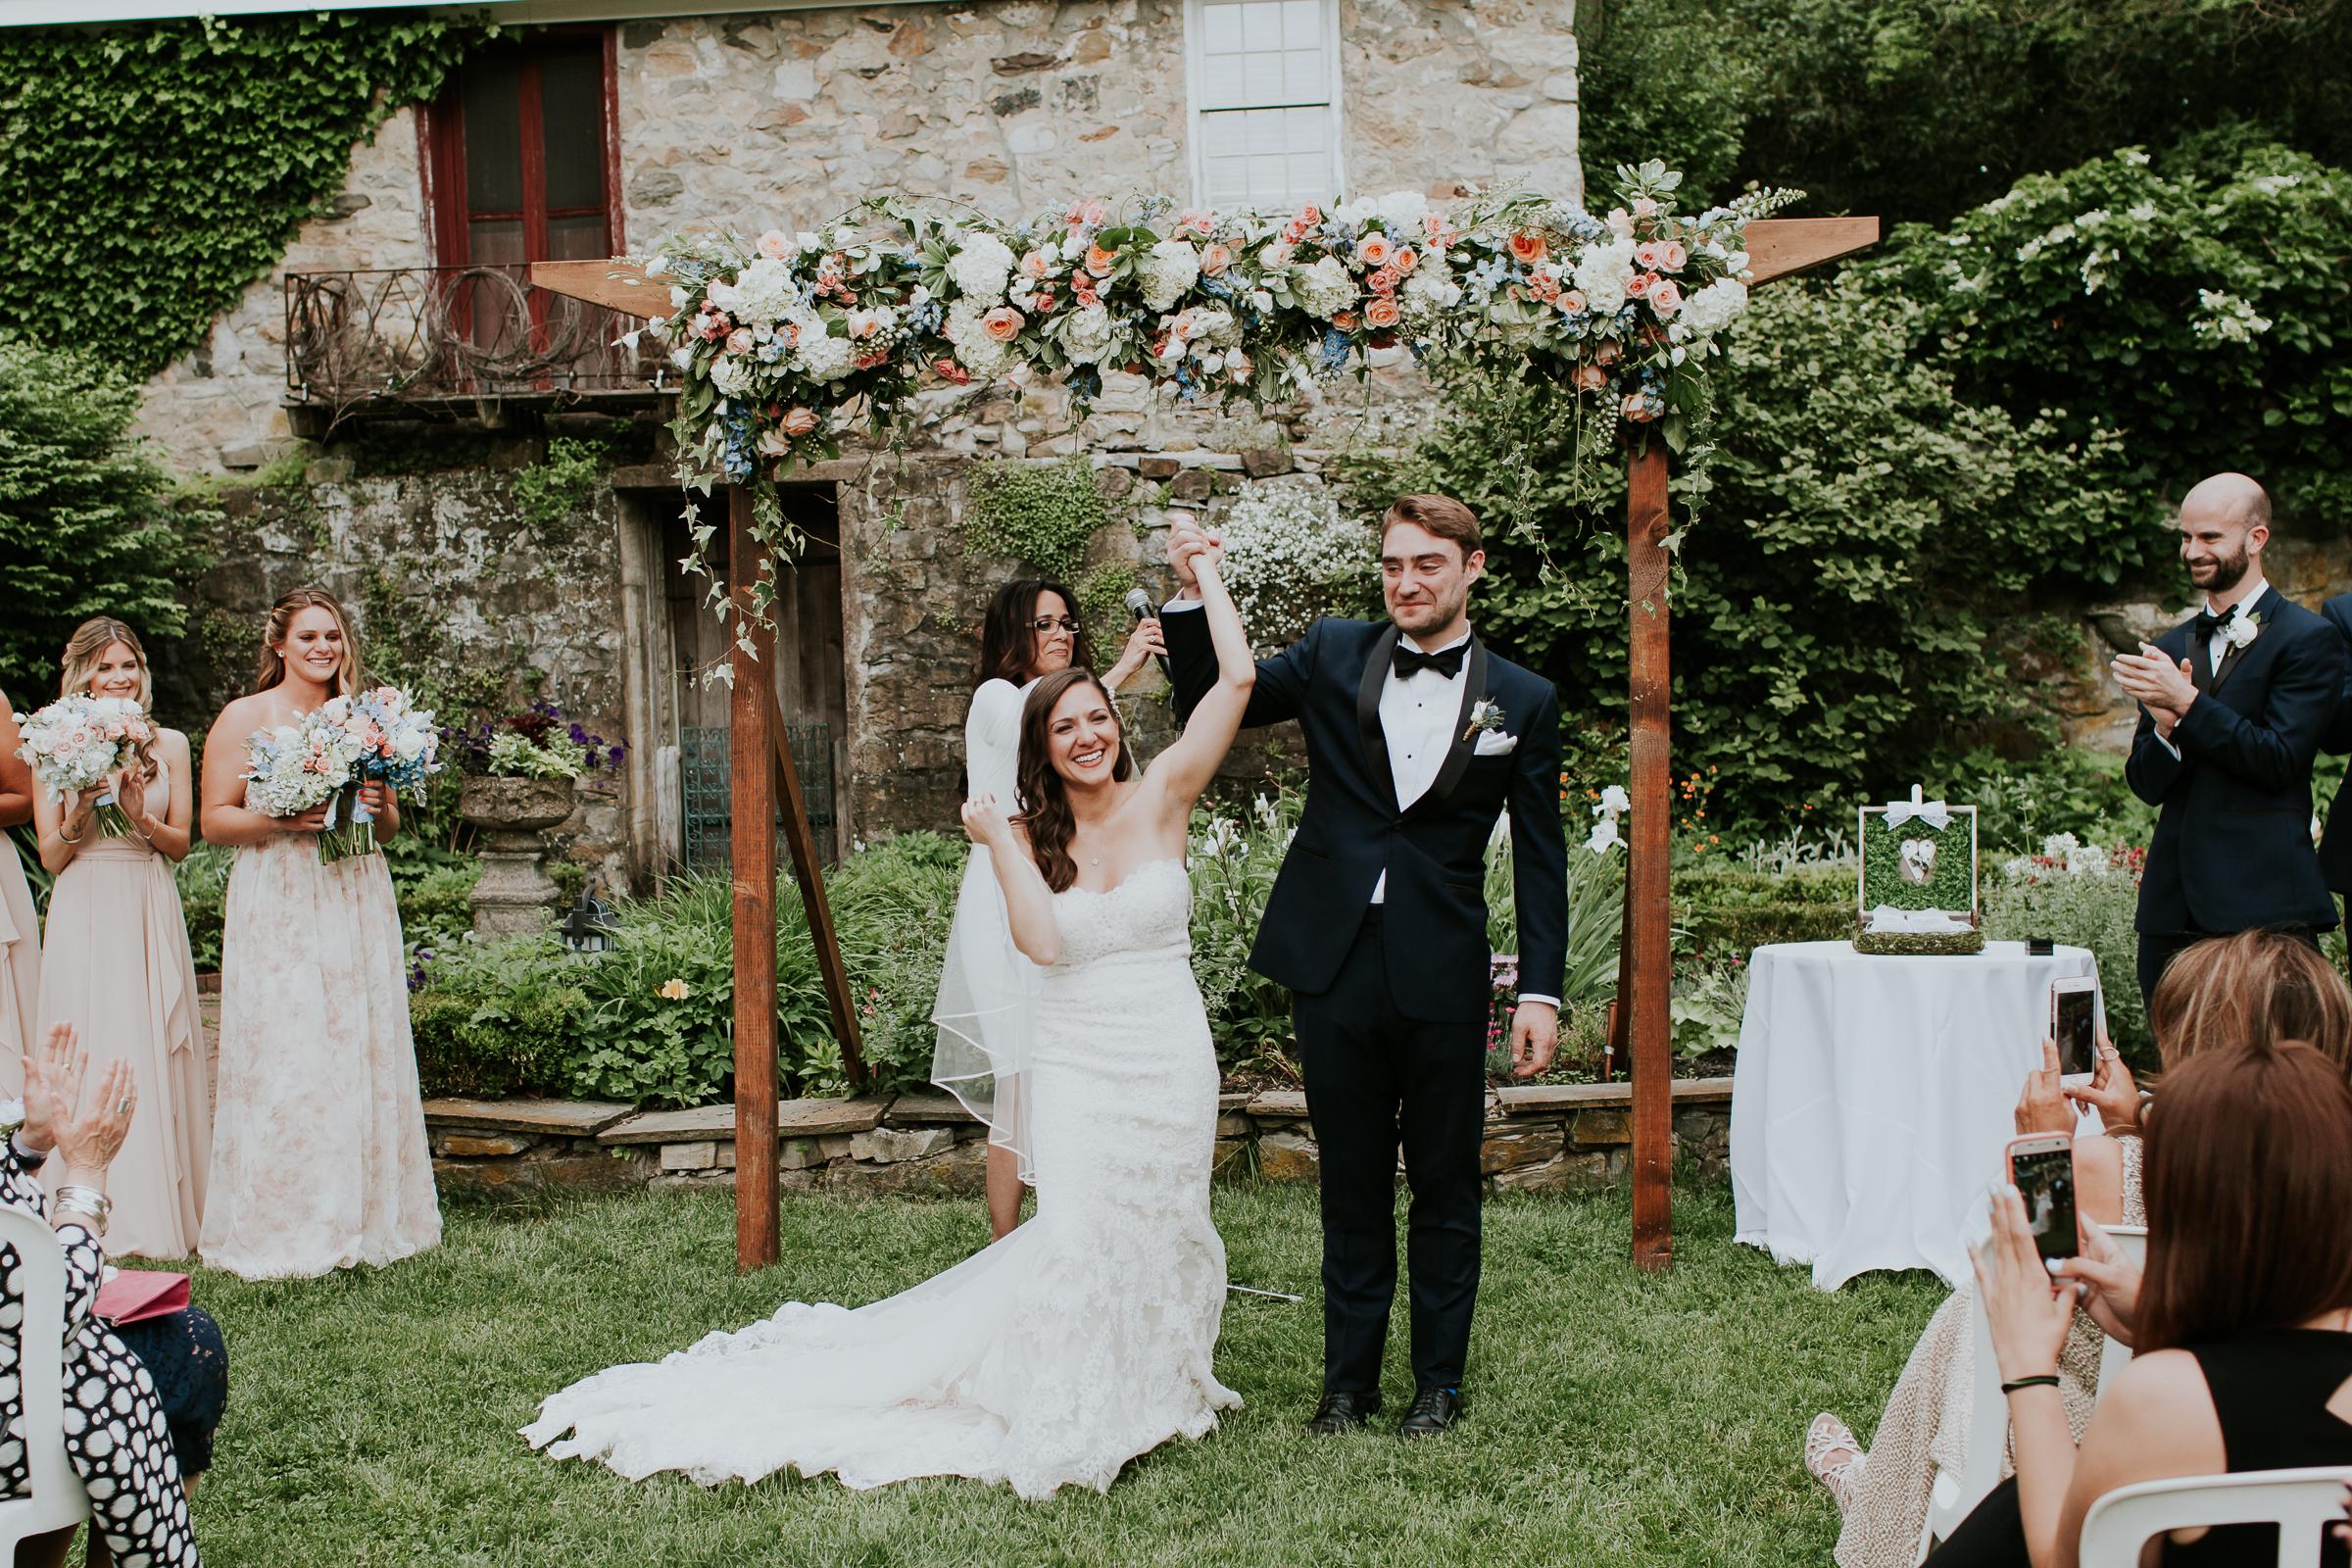 Crossed-Keys-Estate-Andover-NJ-Fine-Art-Documentary-Wedding-Photographer-92.jpg